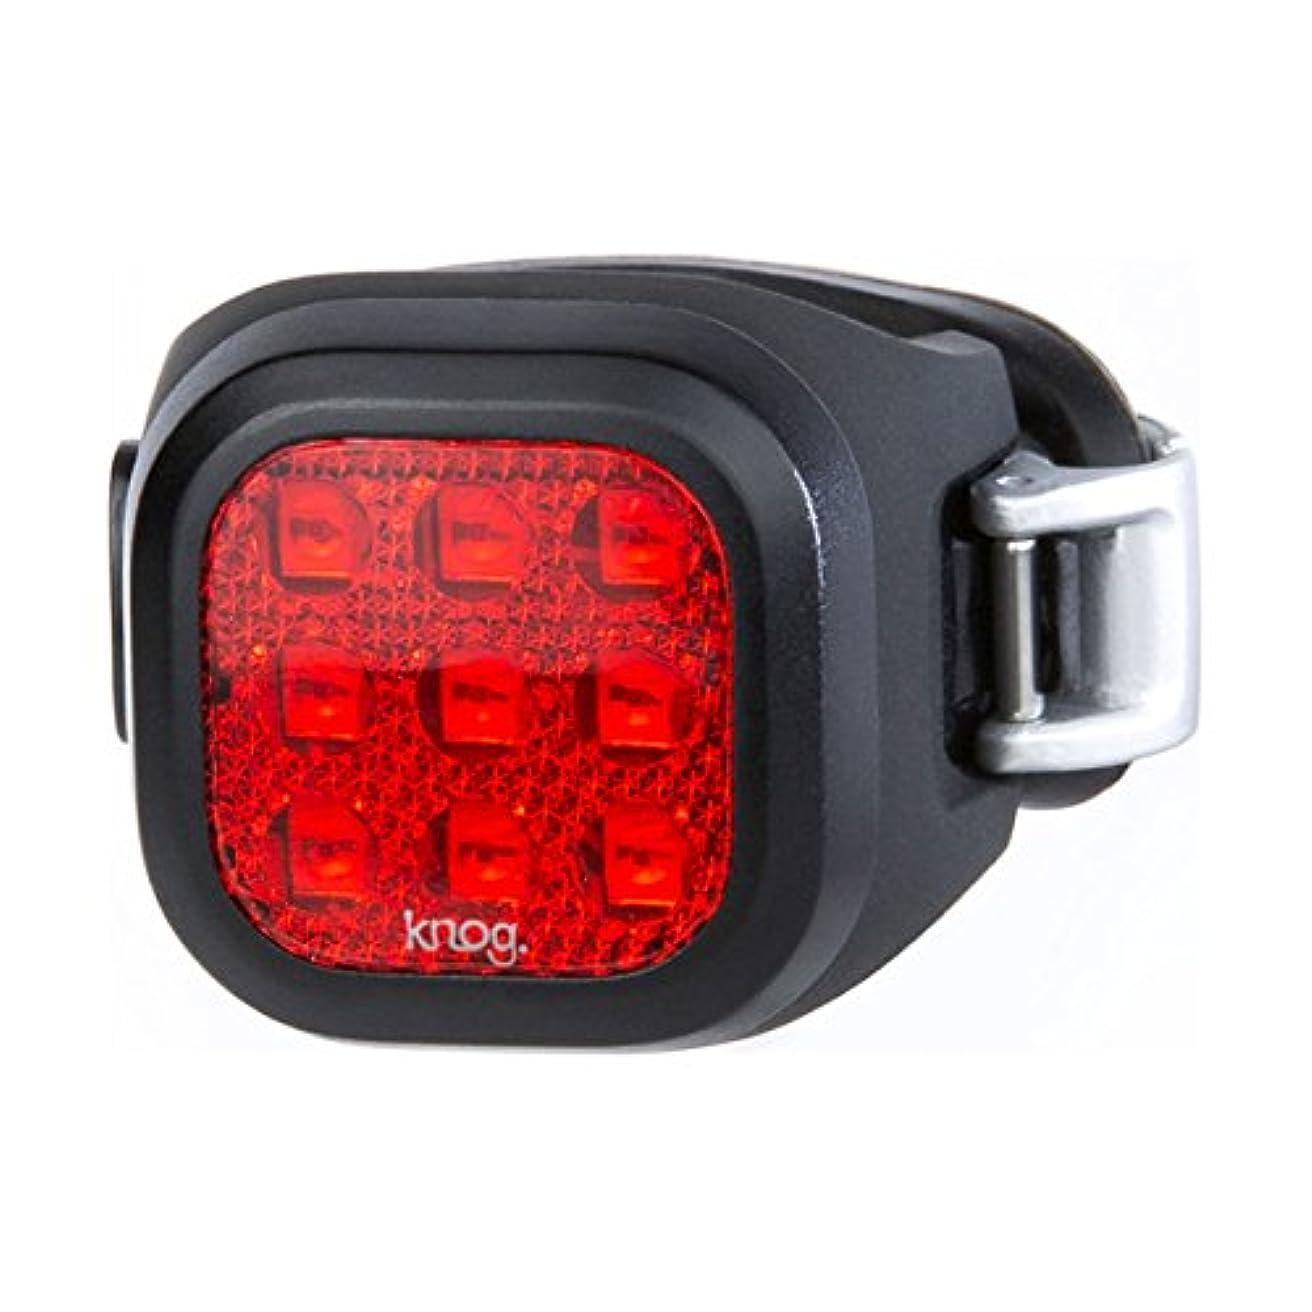 受け入れる犯す蒸し器ノグ(ノグ) Blinder MINI NINER REAR 54-3554300202 自転車 サイクル ライト (FF/Men's、Lady's)